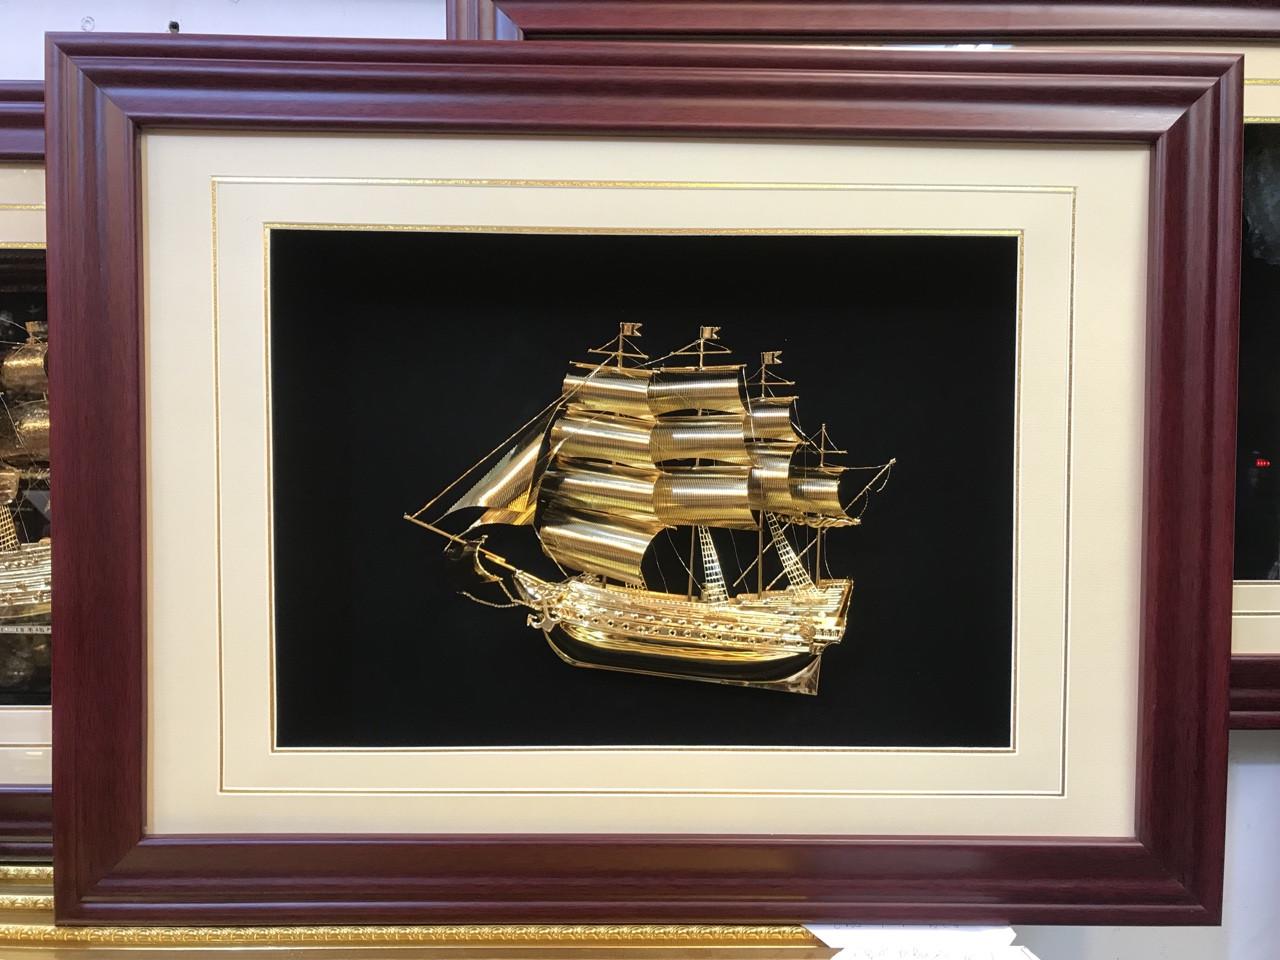 Quà tặng tân gia- tranh vàng thuận buồm xuôi gió